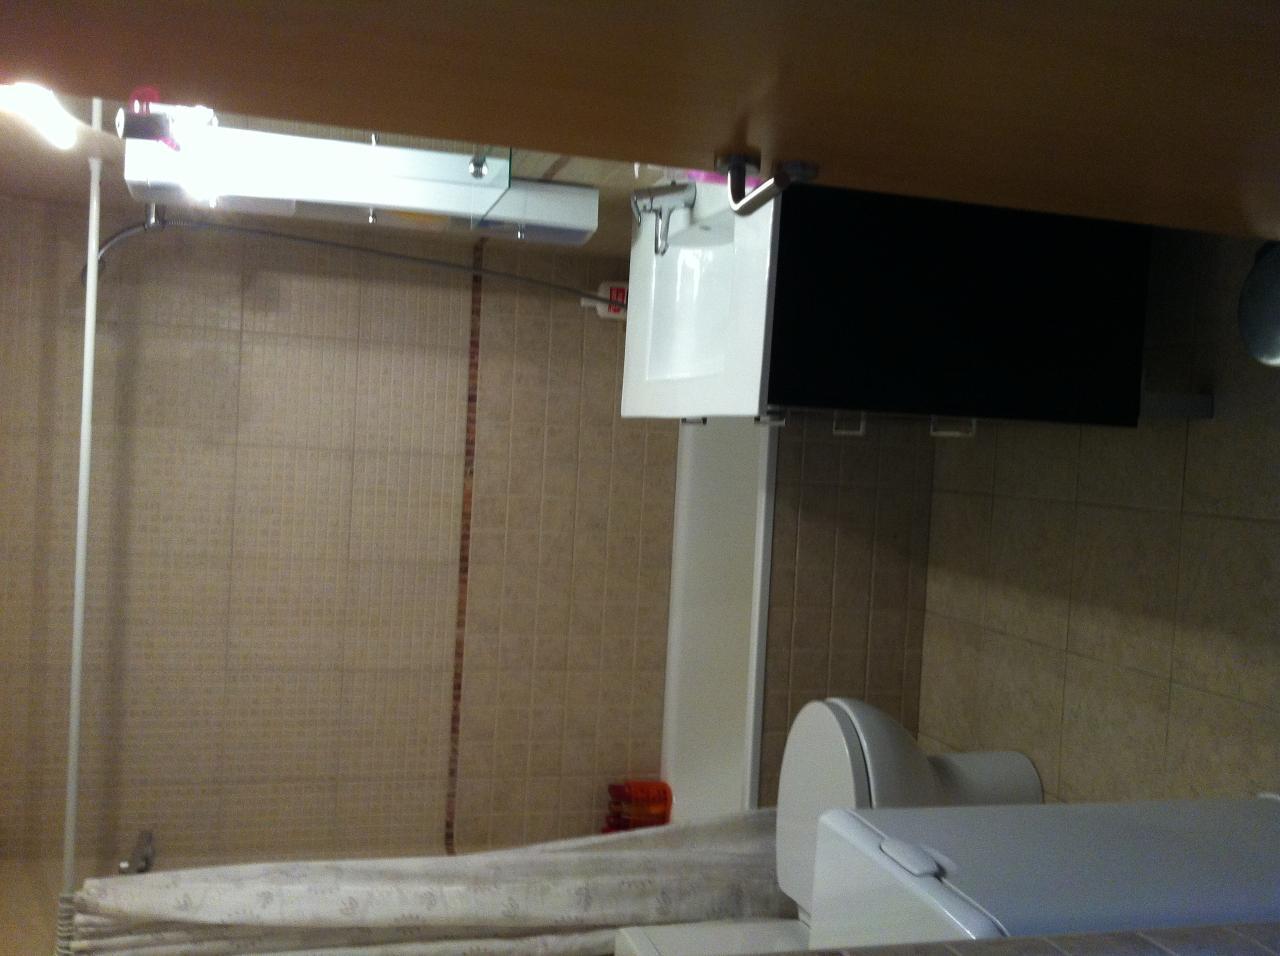 Ferienwohnung Wohnung in Neubau, sehr gut ausgestattet und praktisch, mit Klimaanlage Gemeinschaftspool  (2329141), Rosas (Costa Brava), Costa Brava, Katalonien, Spanien, Bild 6